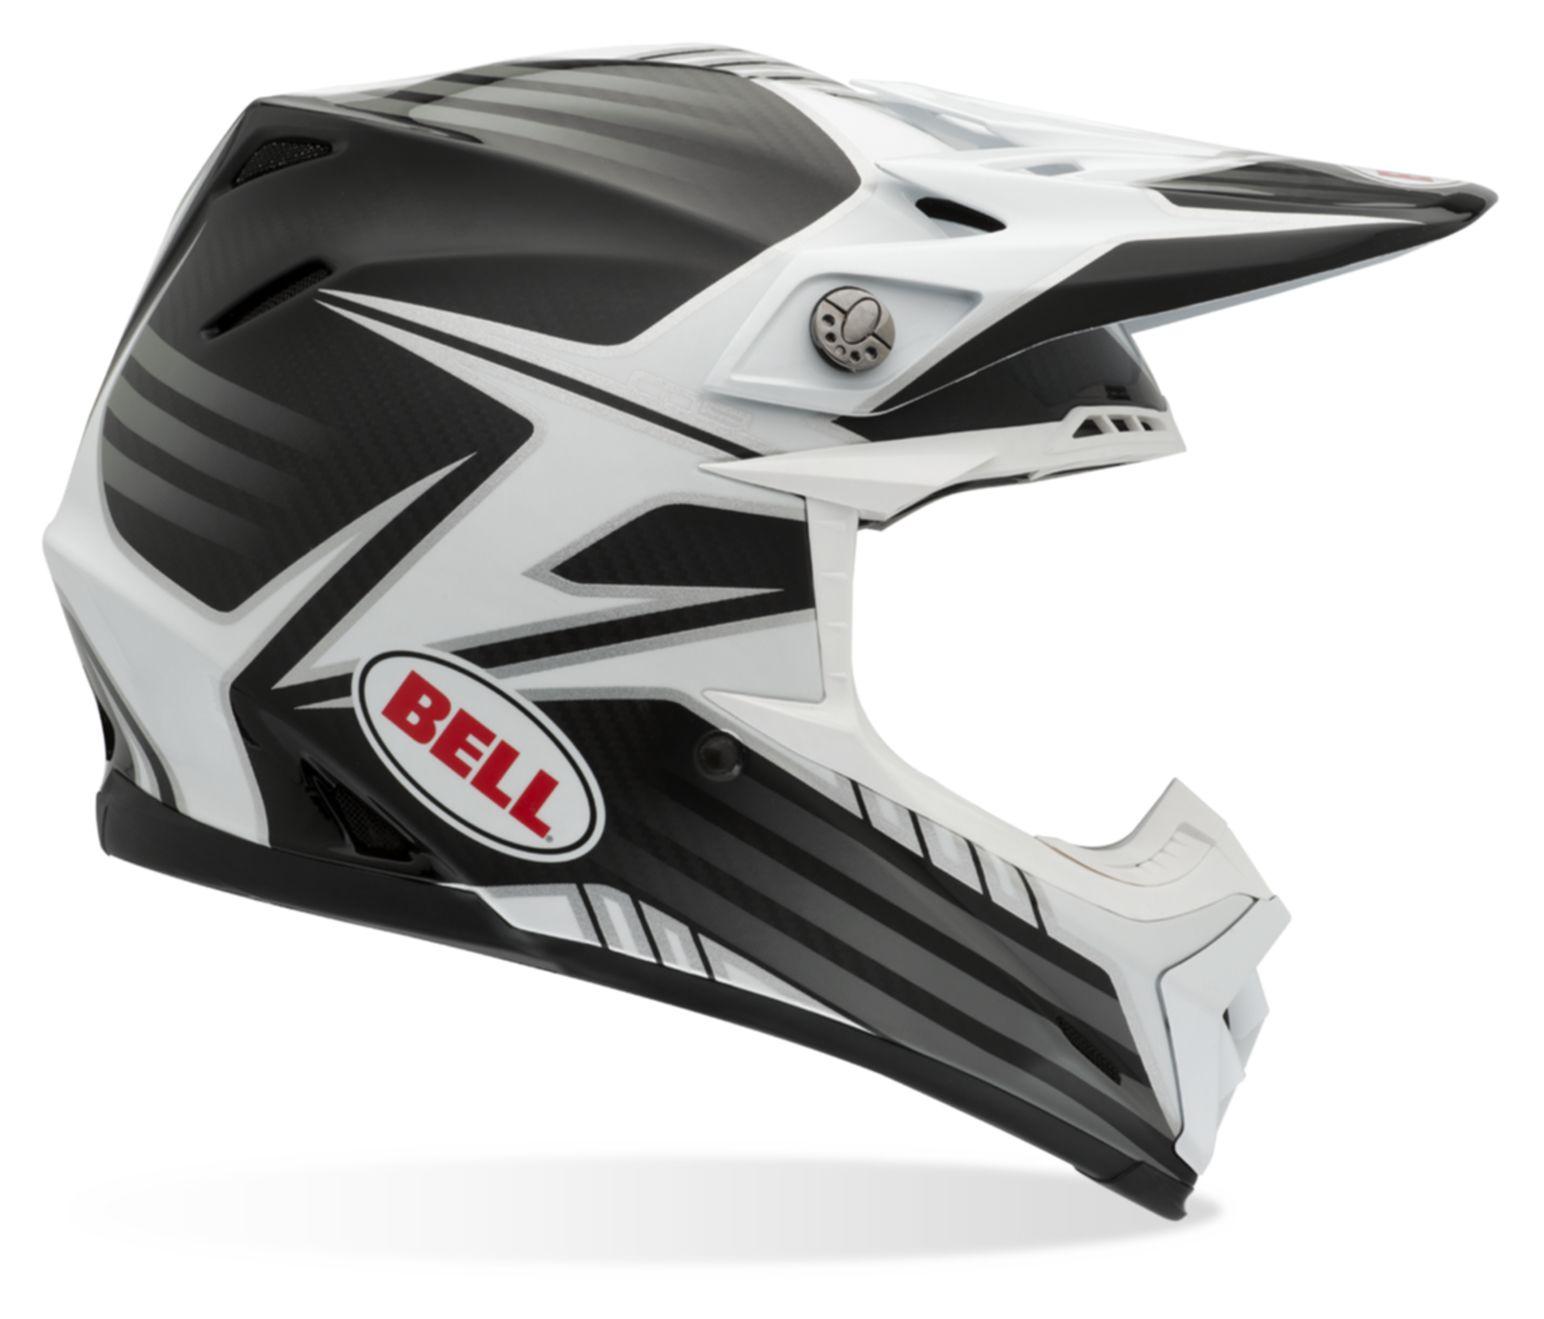 Bell Moto 9 Pinned Helmet Revzilla